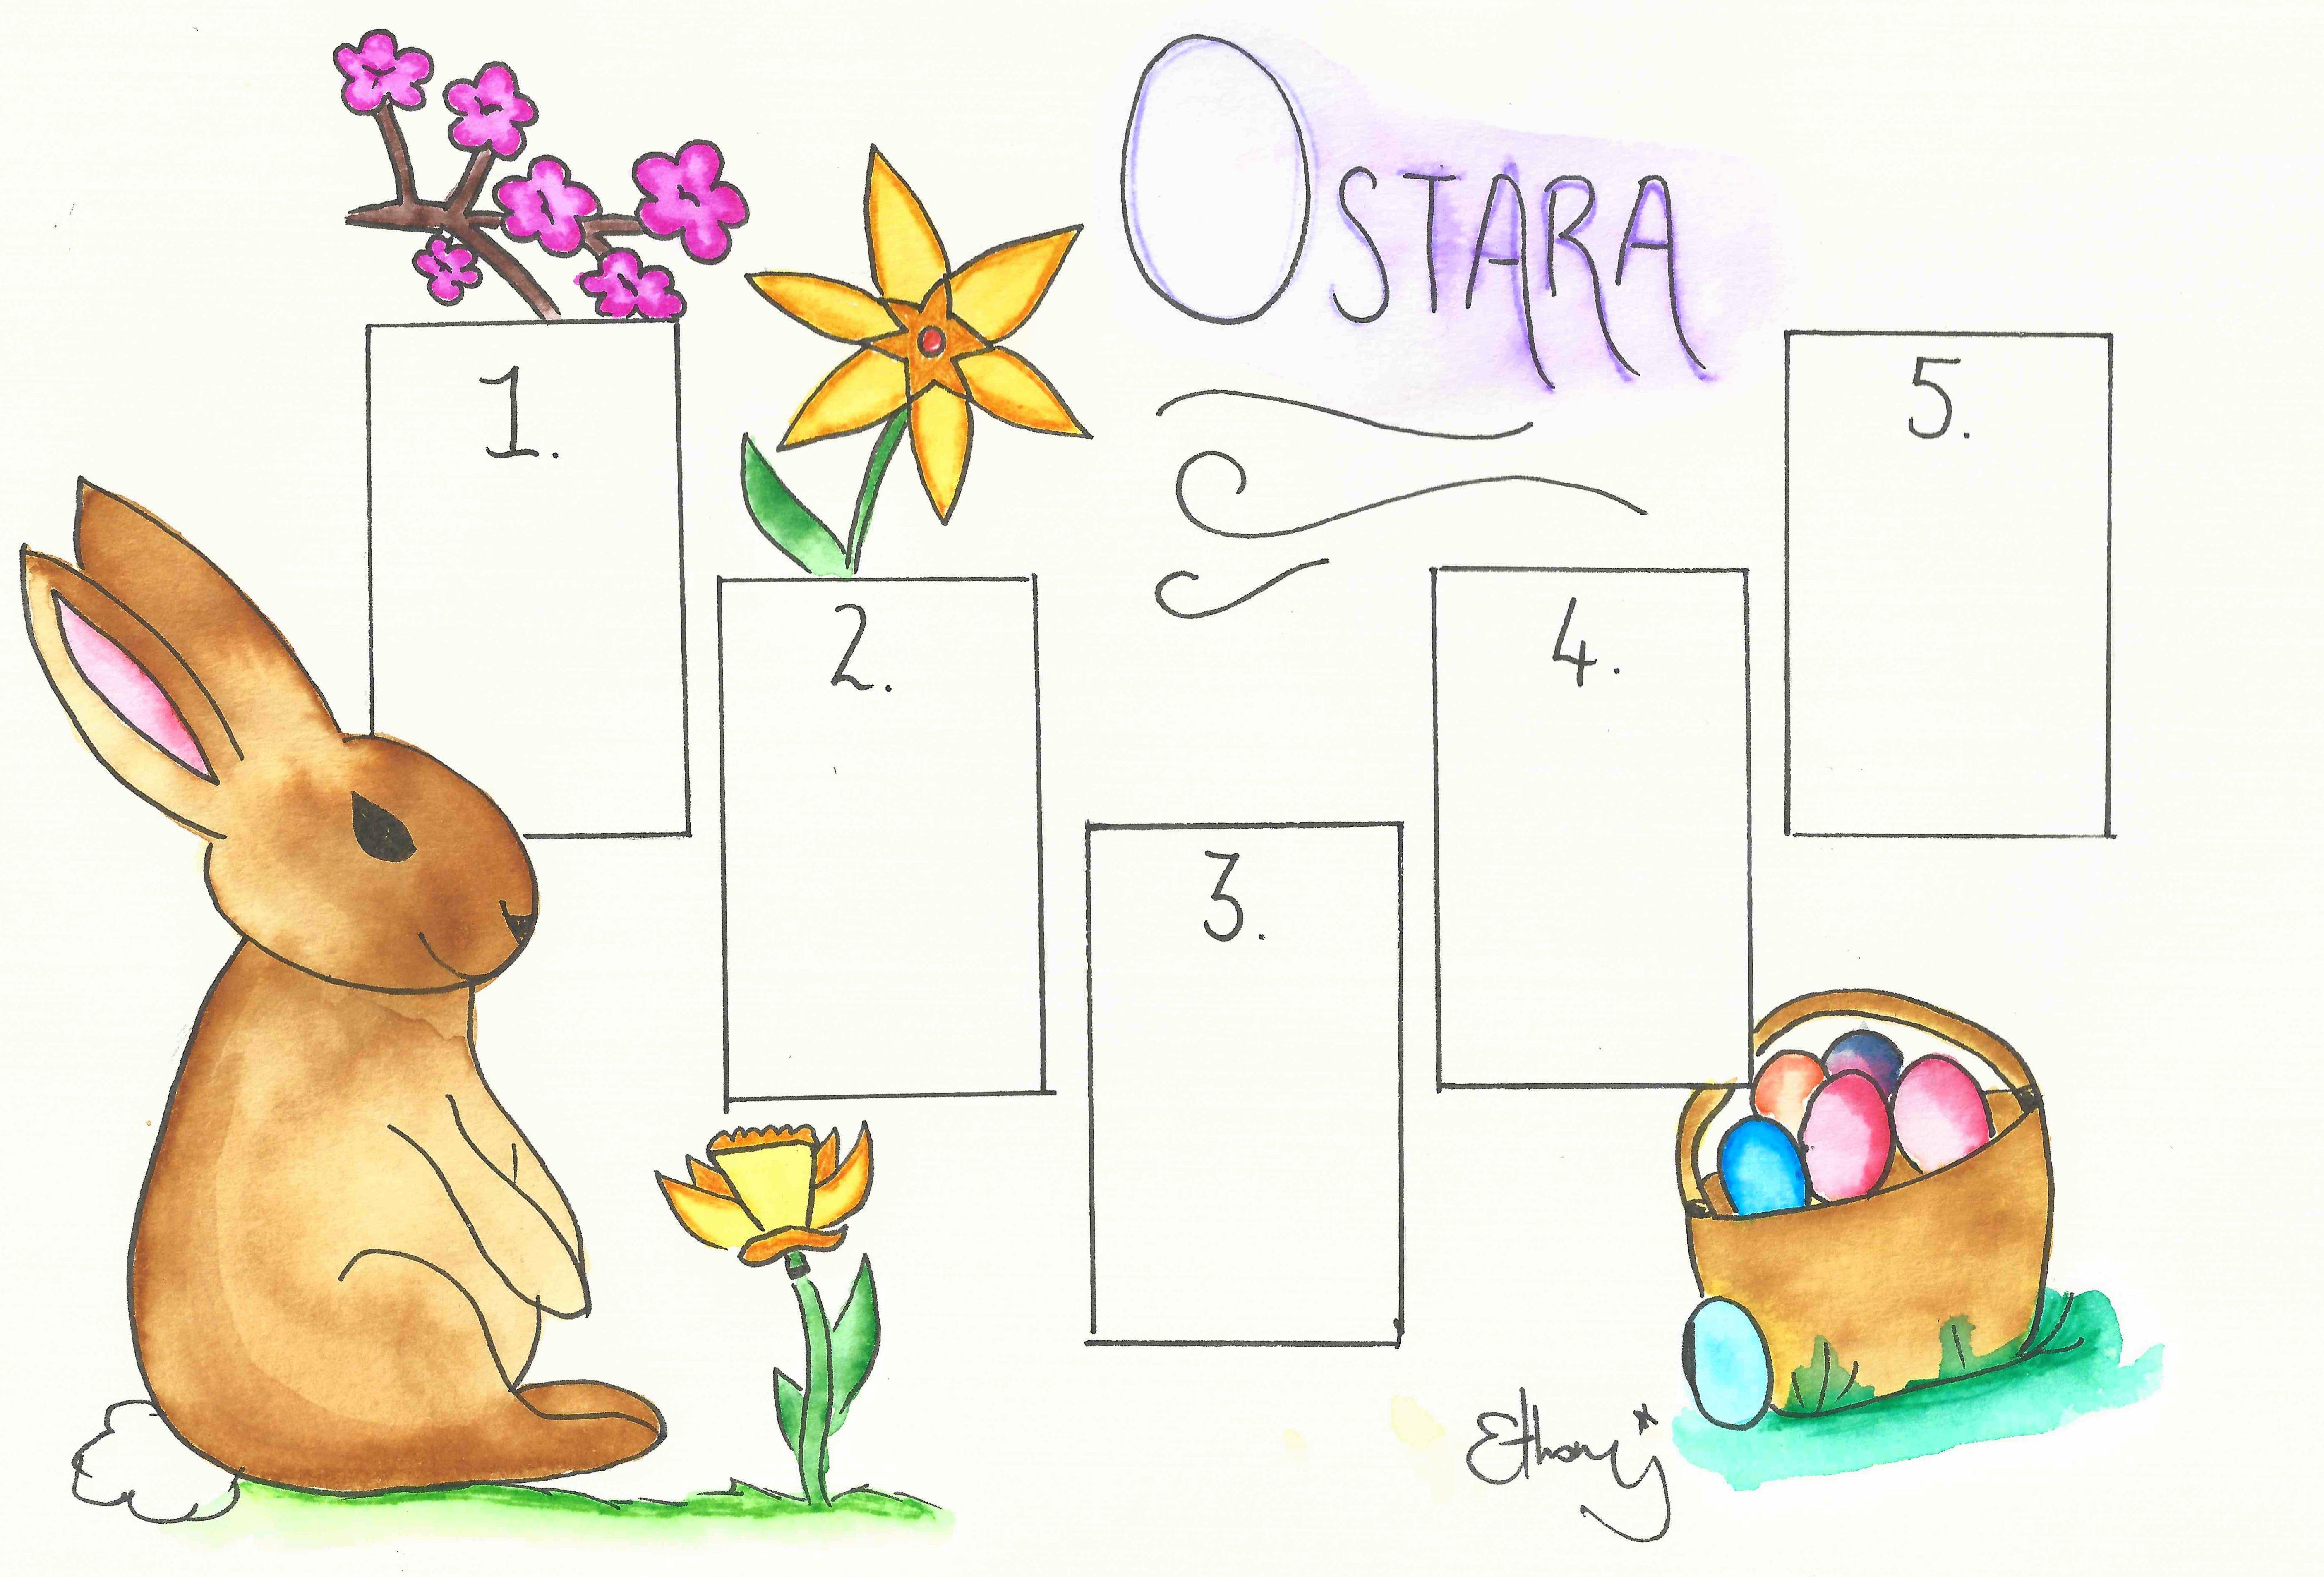 Ostara Tarot Spread - Ethony